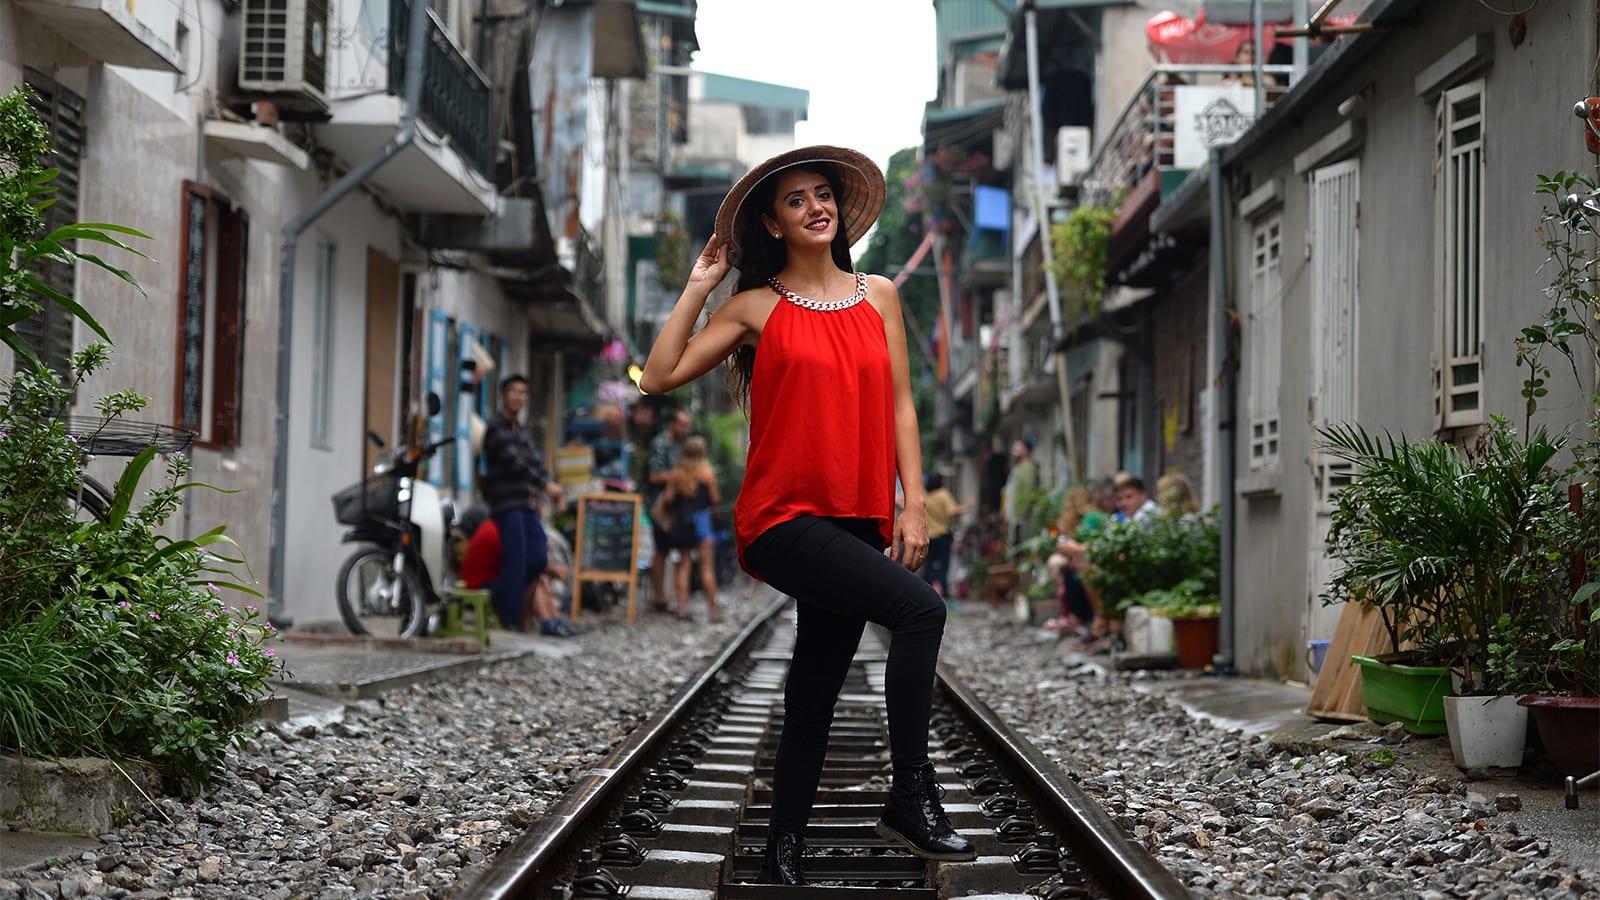 """رغم خطورتها.. سكة قطار تصبح وجهة """"السيلفي"""" المفضلة بفيتنام"""